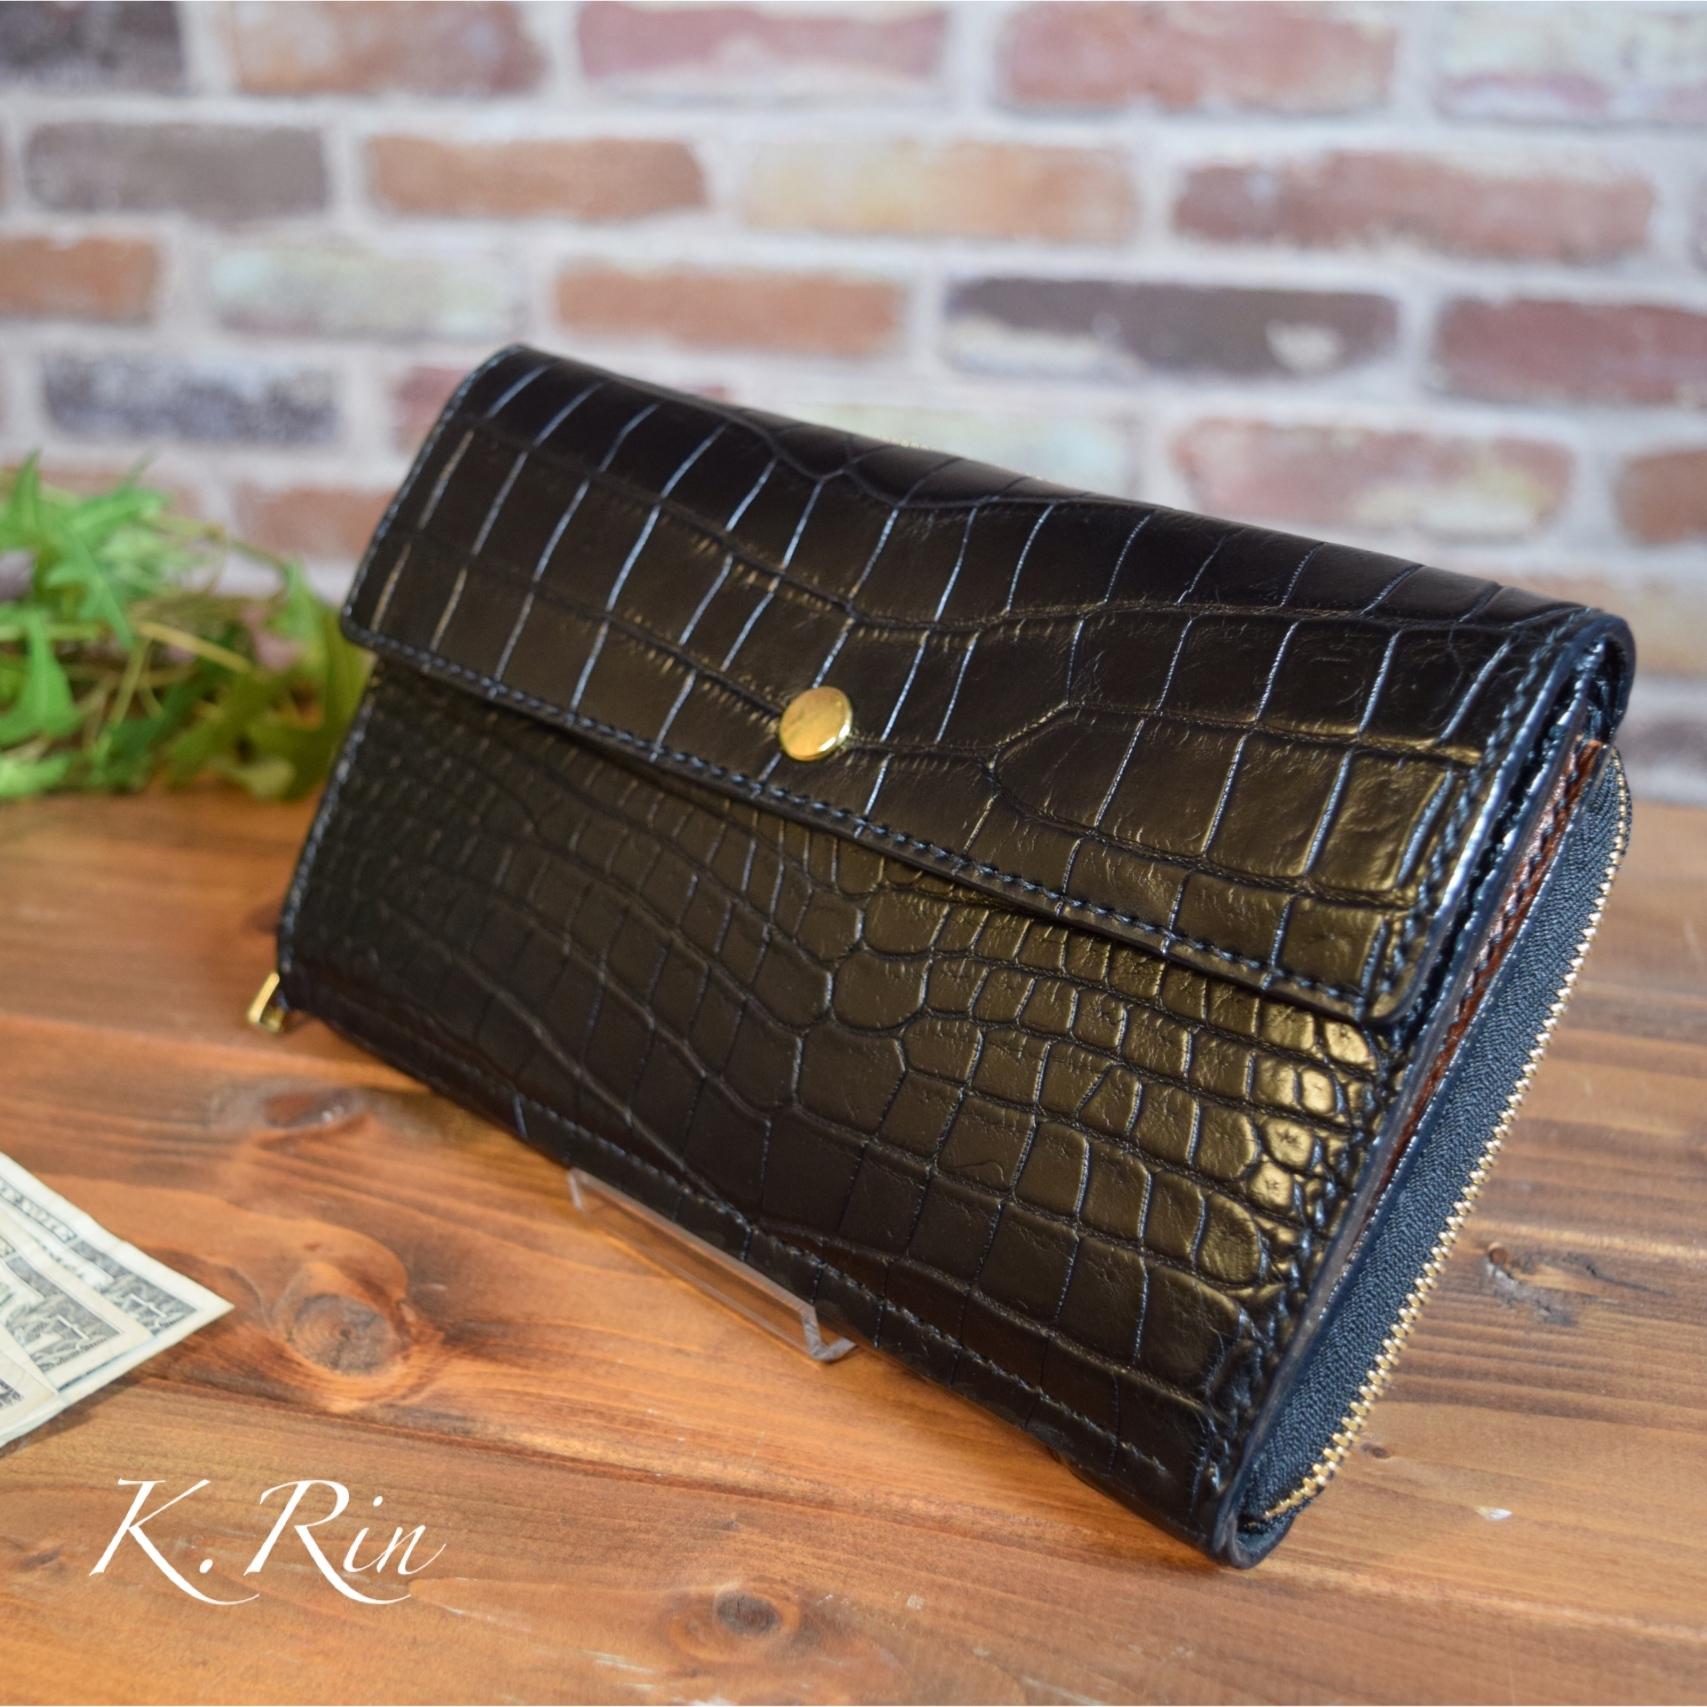 【オーダーメイド制作例】ワニ革のクラッチ財布  (KA117b1)